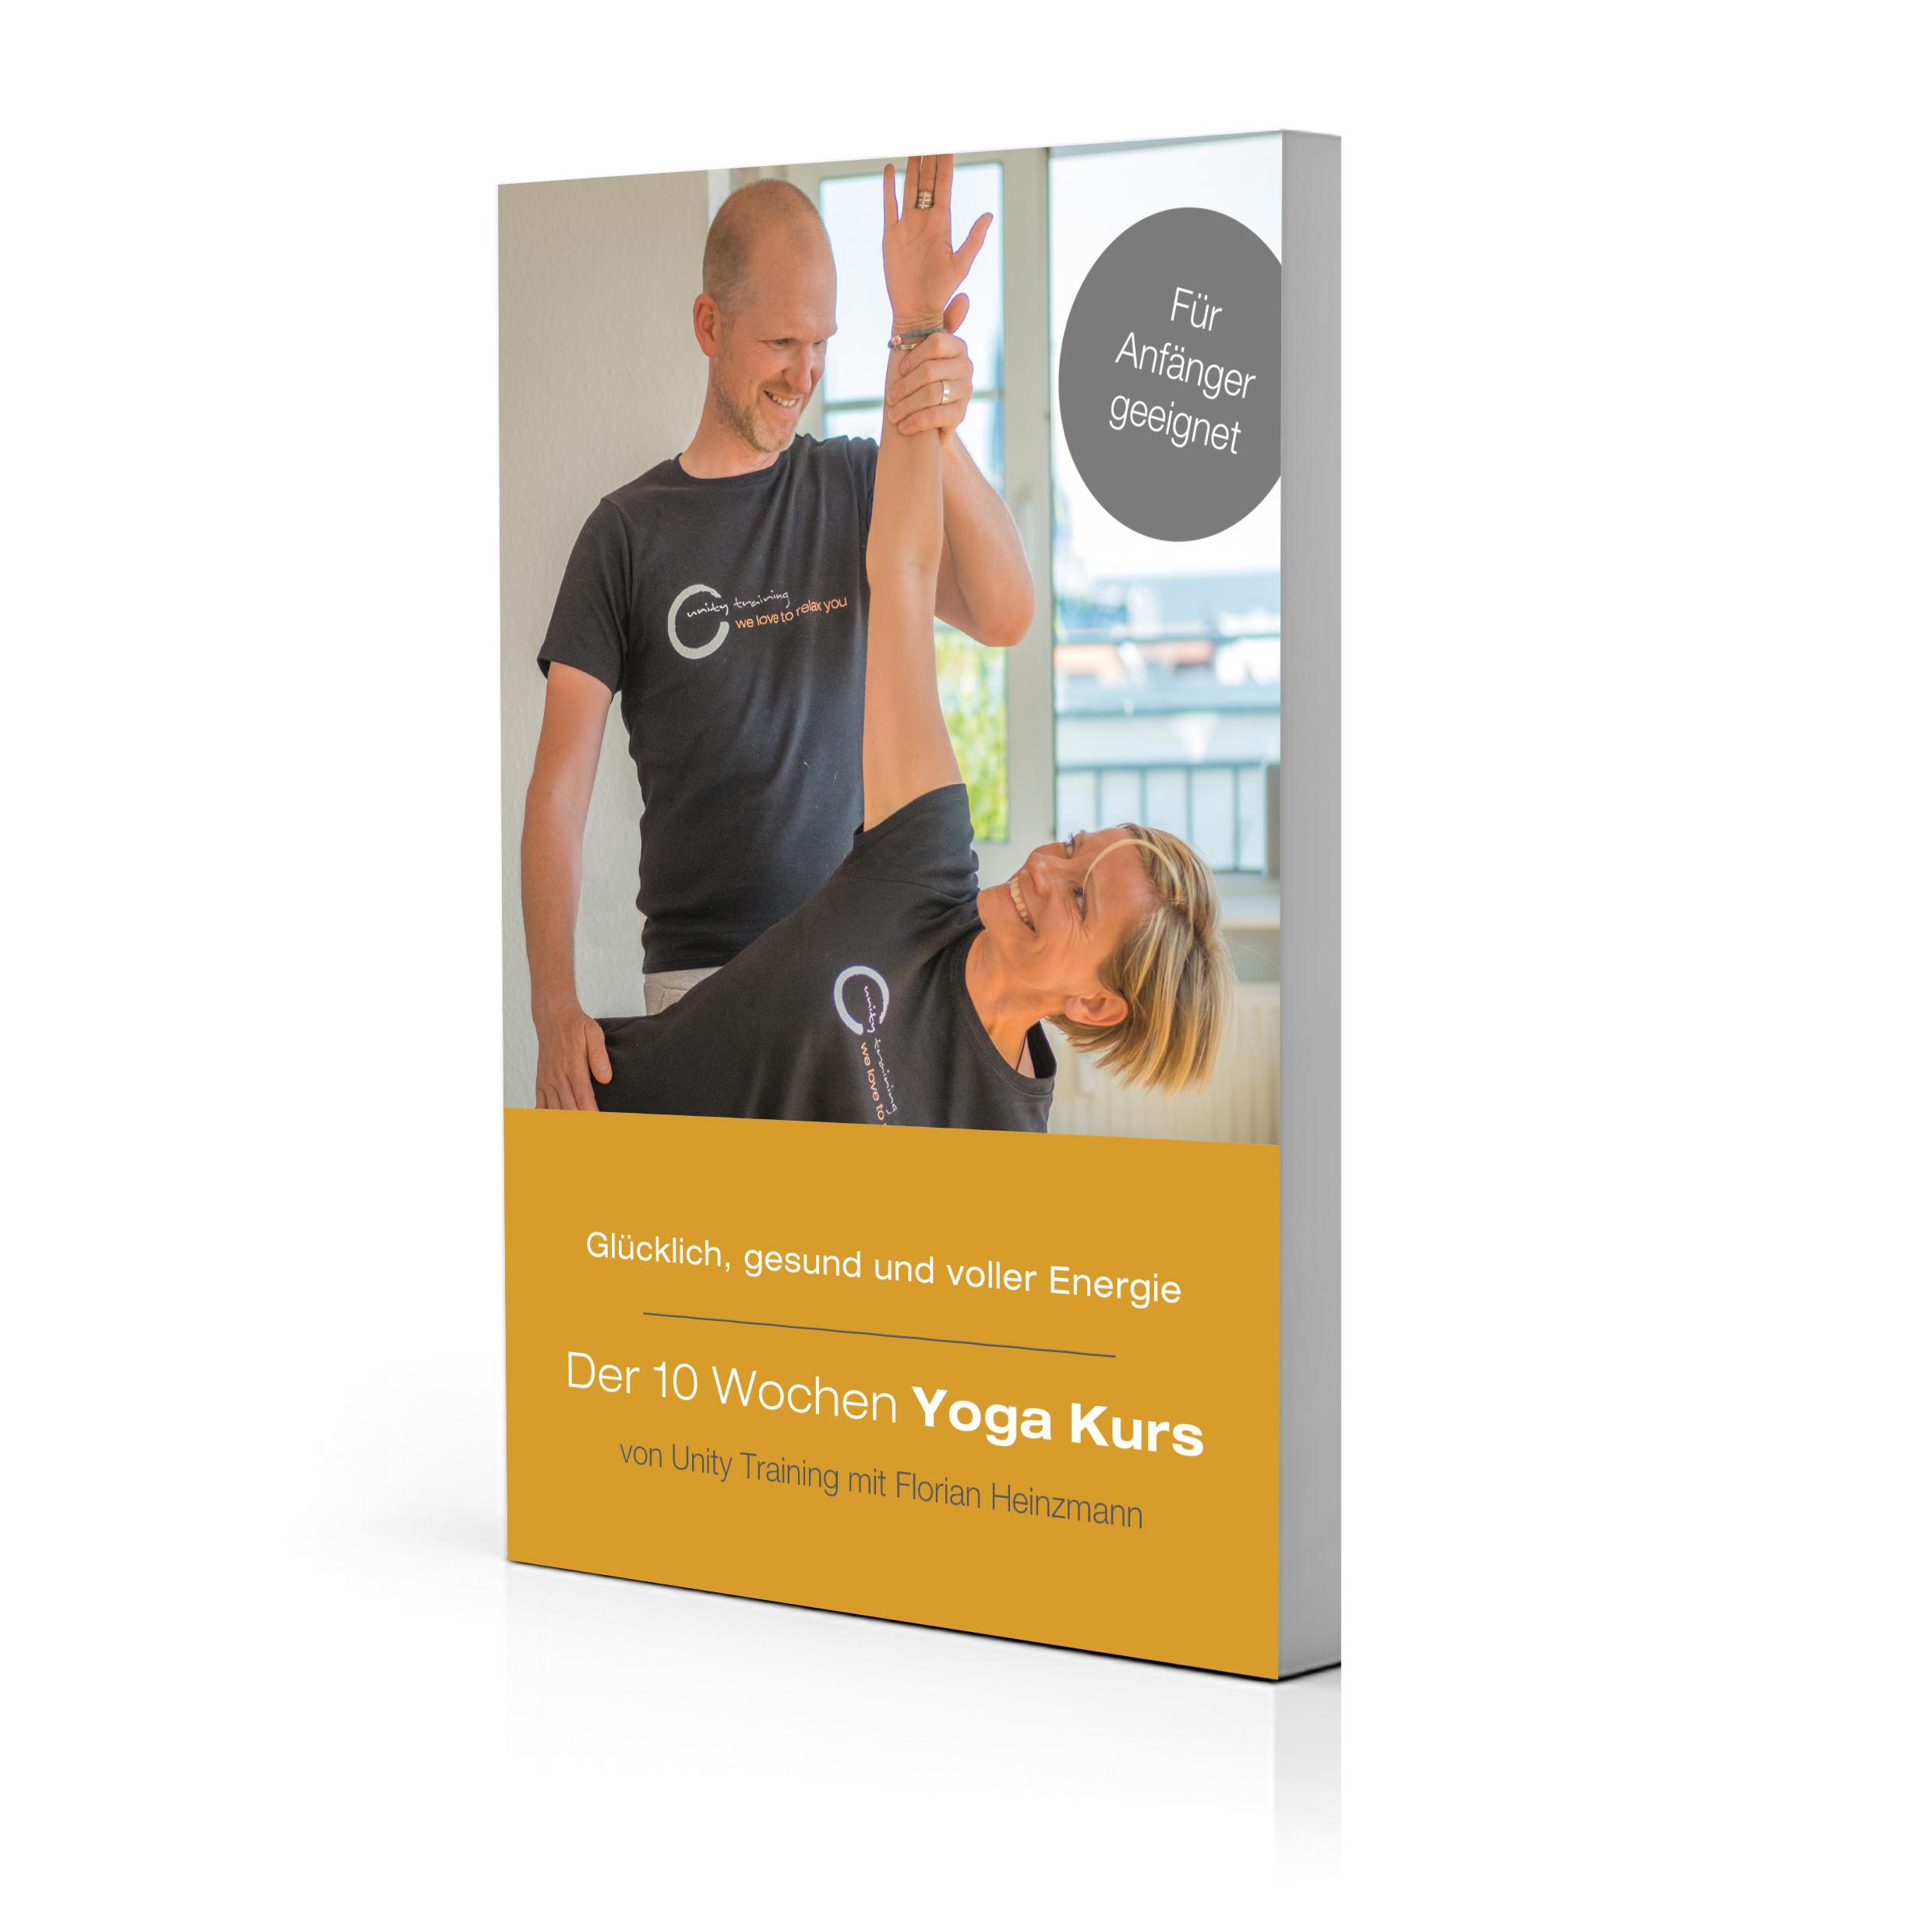 Online Yoga Kurs - Dein Yoga für zuhause - zur Stärkung des Rückens und gegen Stress